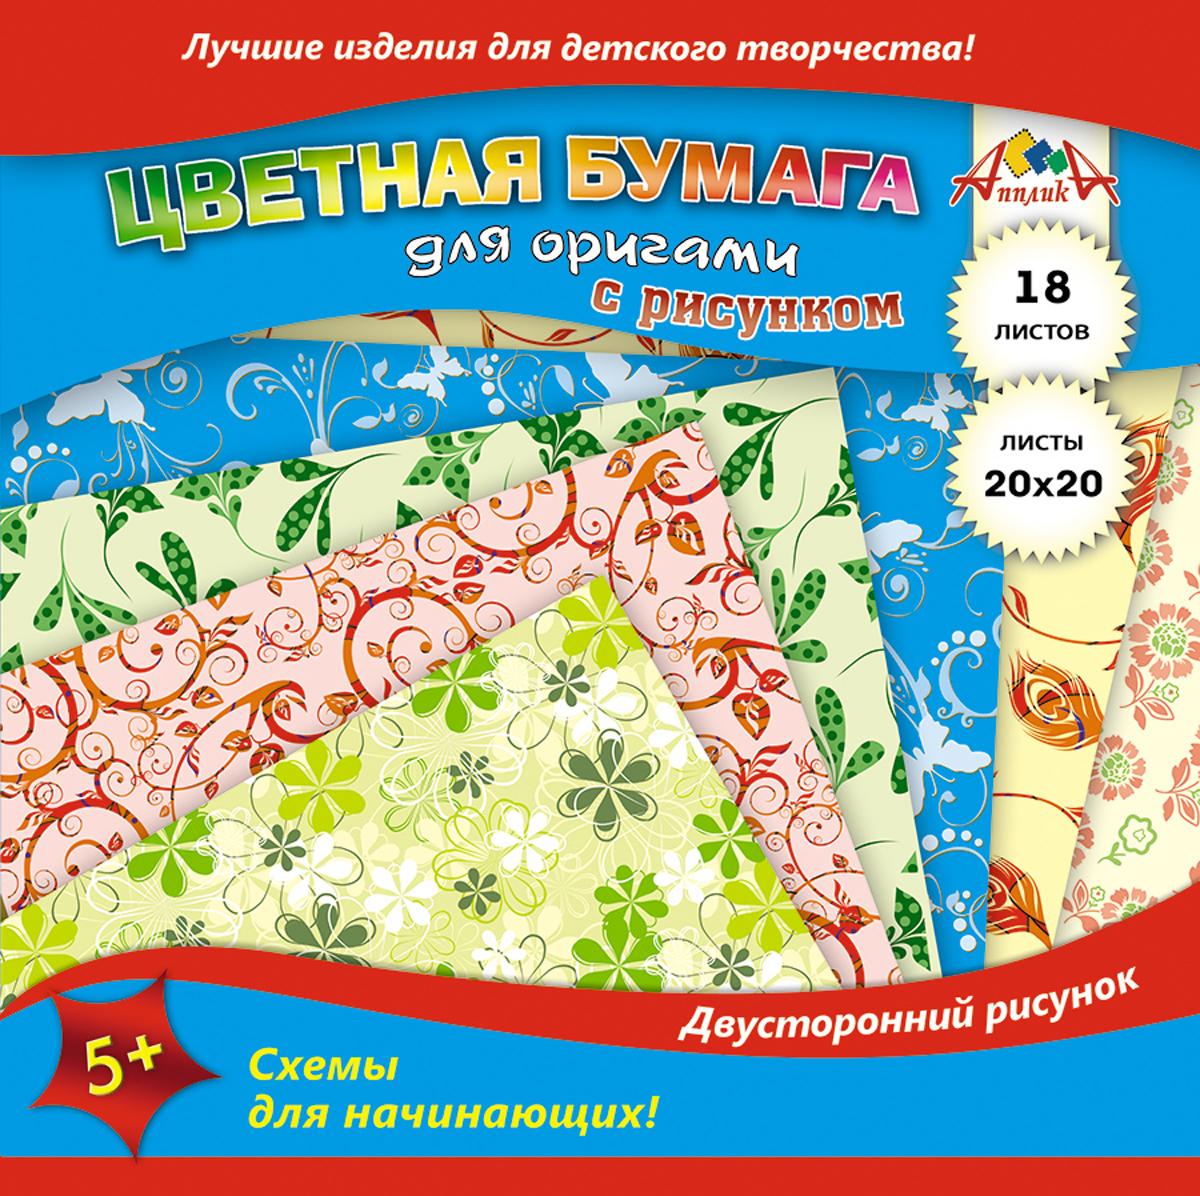 Апплика Цветная бумага для оригами Паттерн Цветы 18 листовС2243-07Цветная бумага для оригами с двусторонним рисунком, 18 листов ТМ Апплика. Листы бумаги имеют размер 20 х 20 см, это наиболее распространенный размер для техники оригами. Листы окрашены с 2-х сторон, с одной стороны цвет, с другой рисунок. Цвет/рисунок: светло-зеленый/листья, розовый/узоры, лимонный/перья, желтый/цветы, голубой/бабочки, зеленый/лепестки. В наборе представлены пошаговые инструкции для изготовления поделок в технике оригами. Набор упакован в папку из мелованного картона с 1-м клапаном.